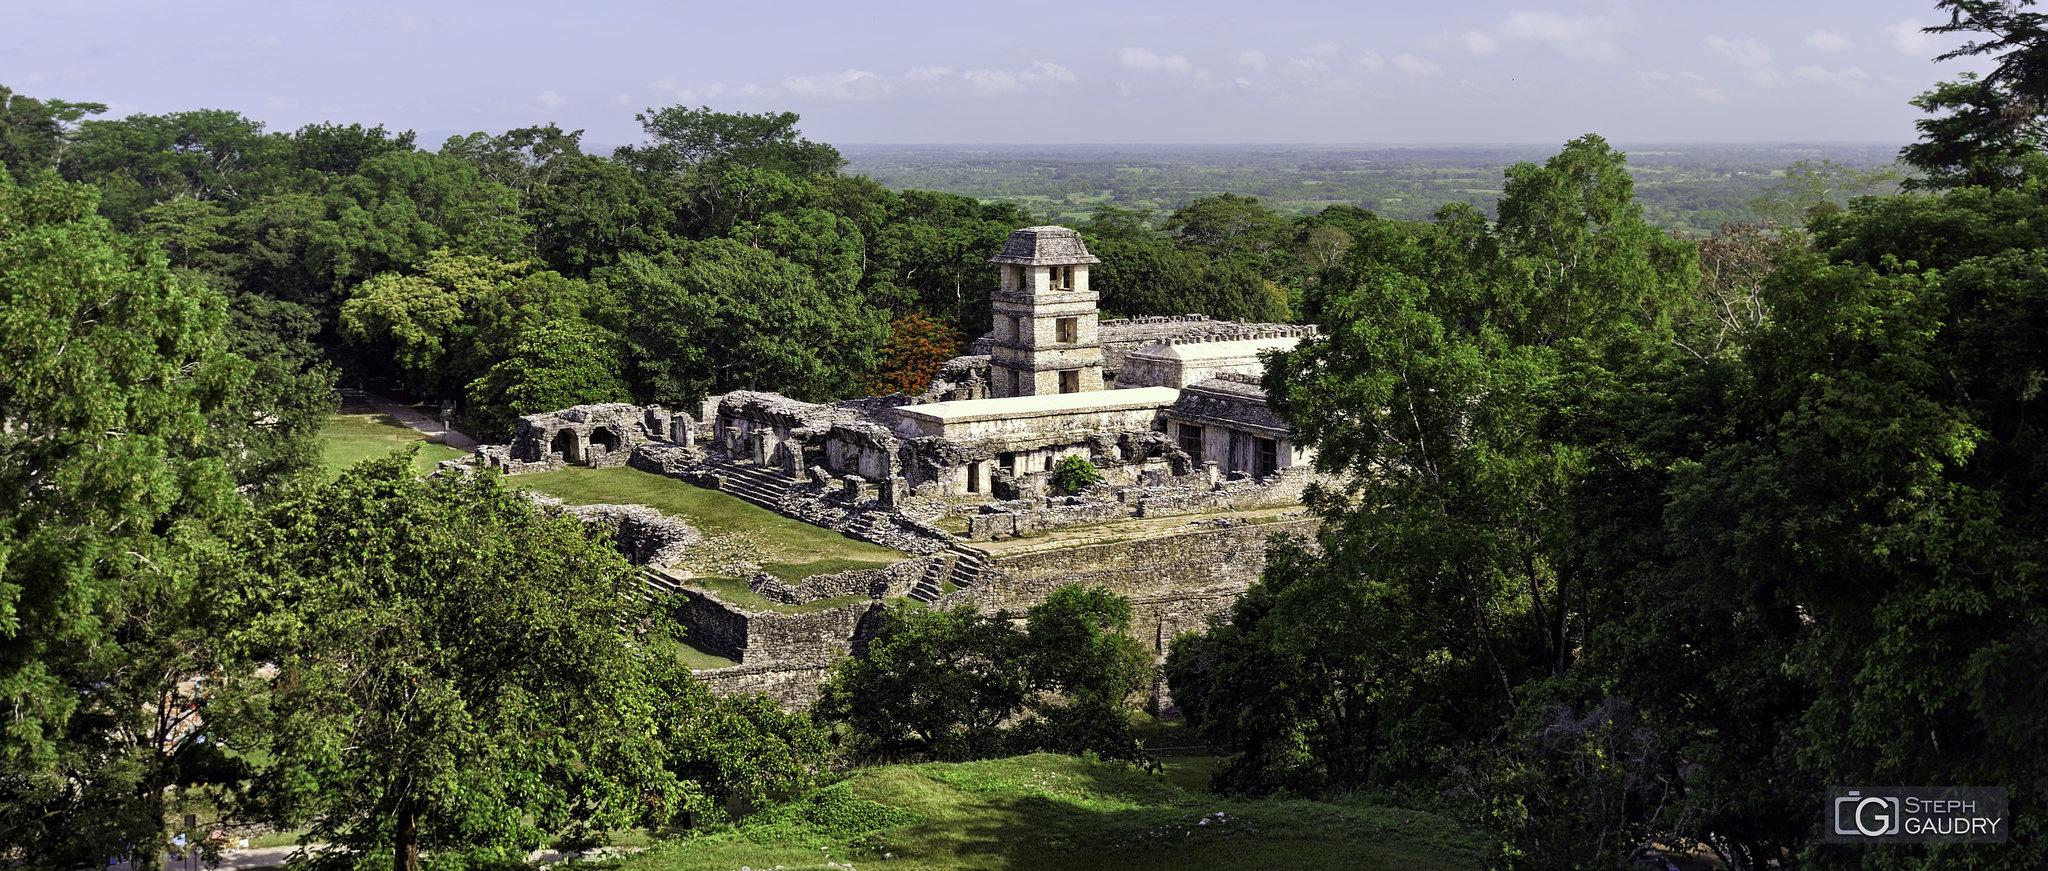 Palenque - Le palais et la tour d'observatoire [Klik om de diavoorstelling te starten]